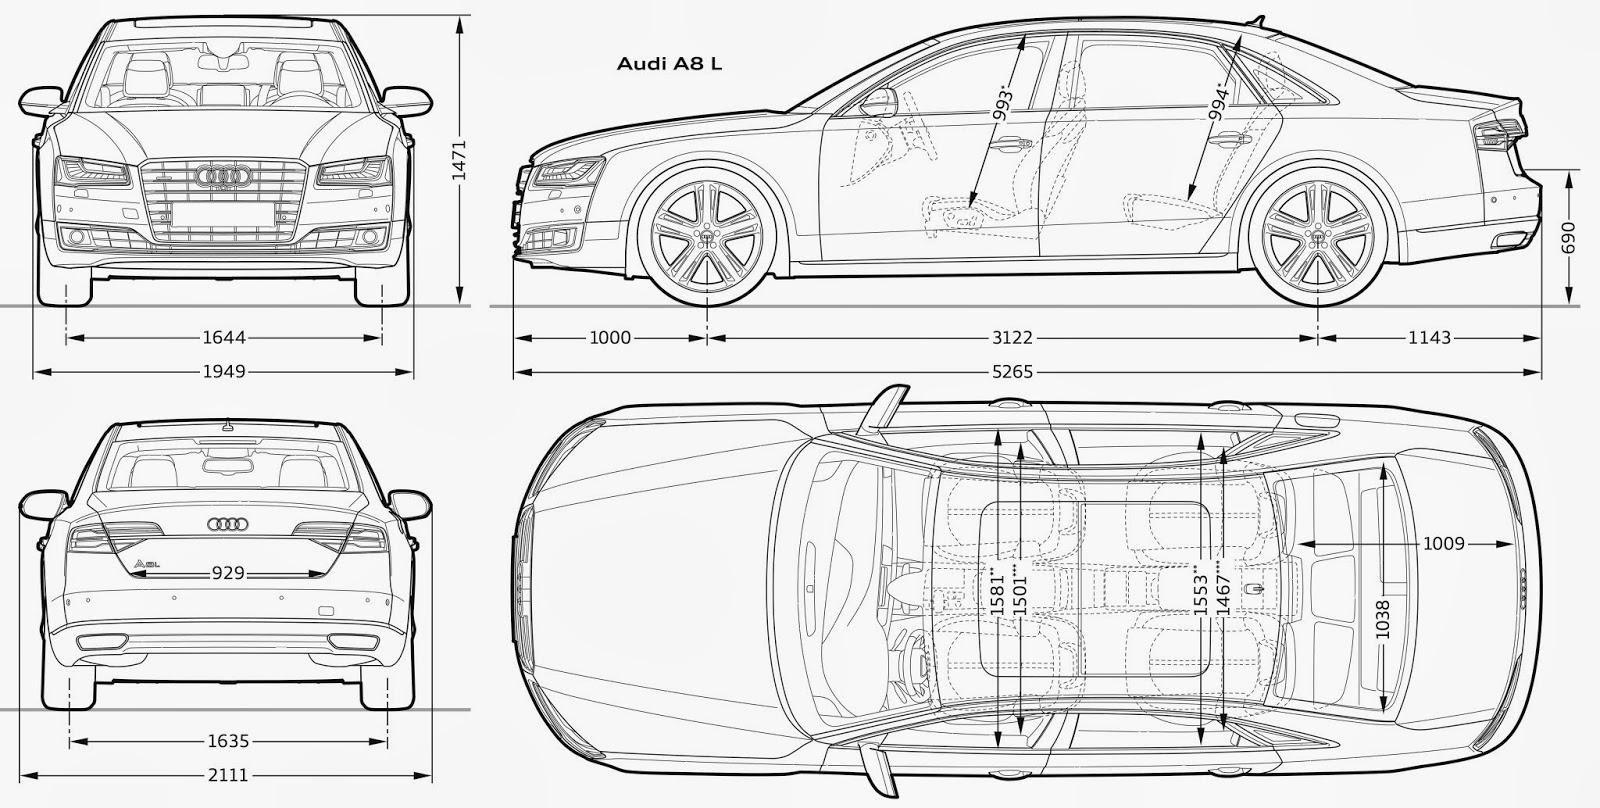 Generous Cars Blueprints Photos - Electrical Circuit Diagram Ideas ...